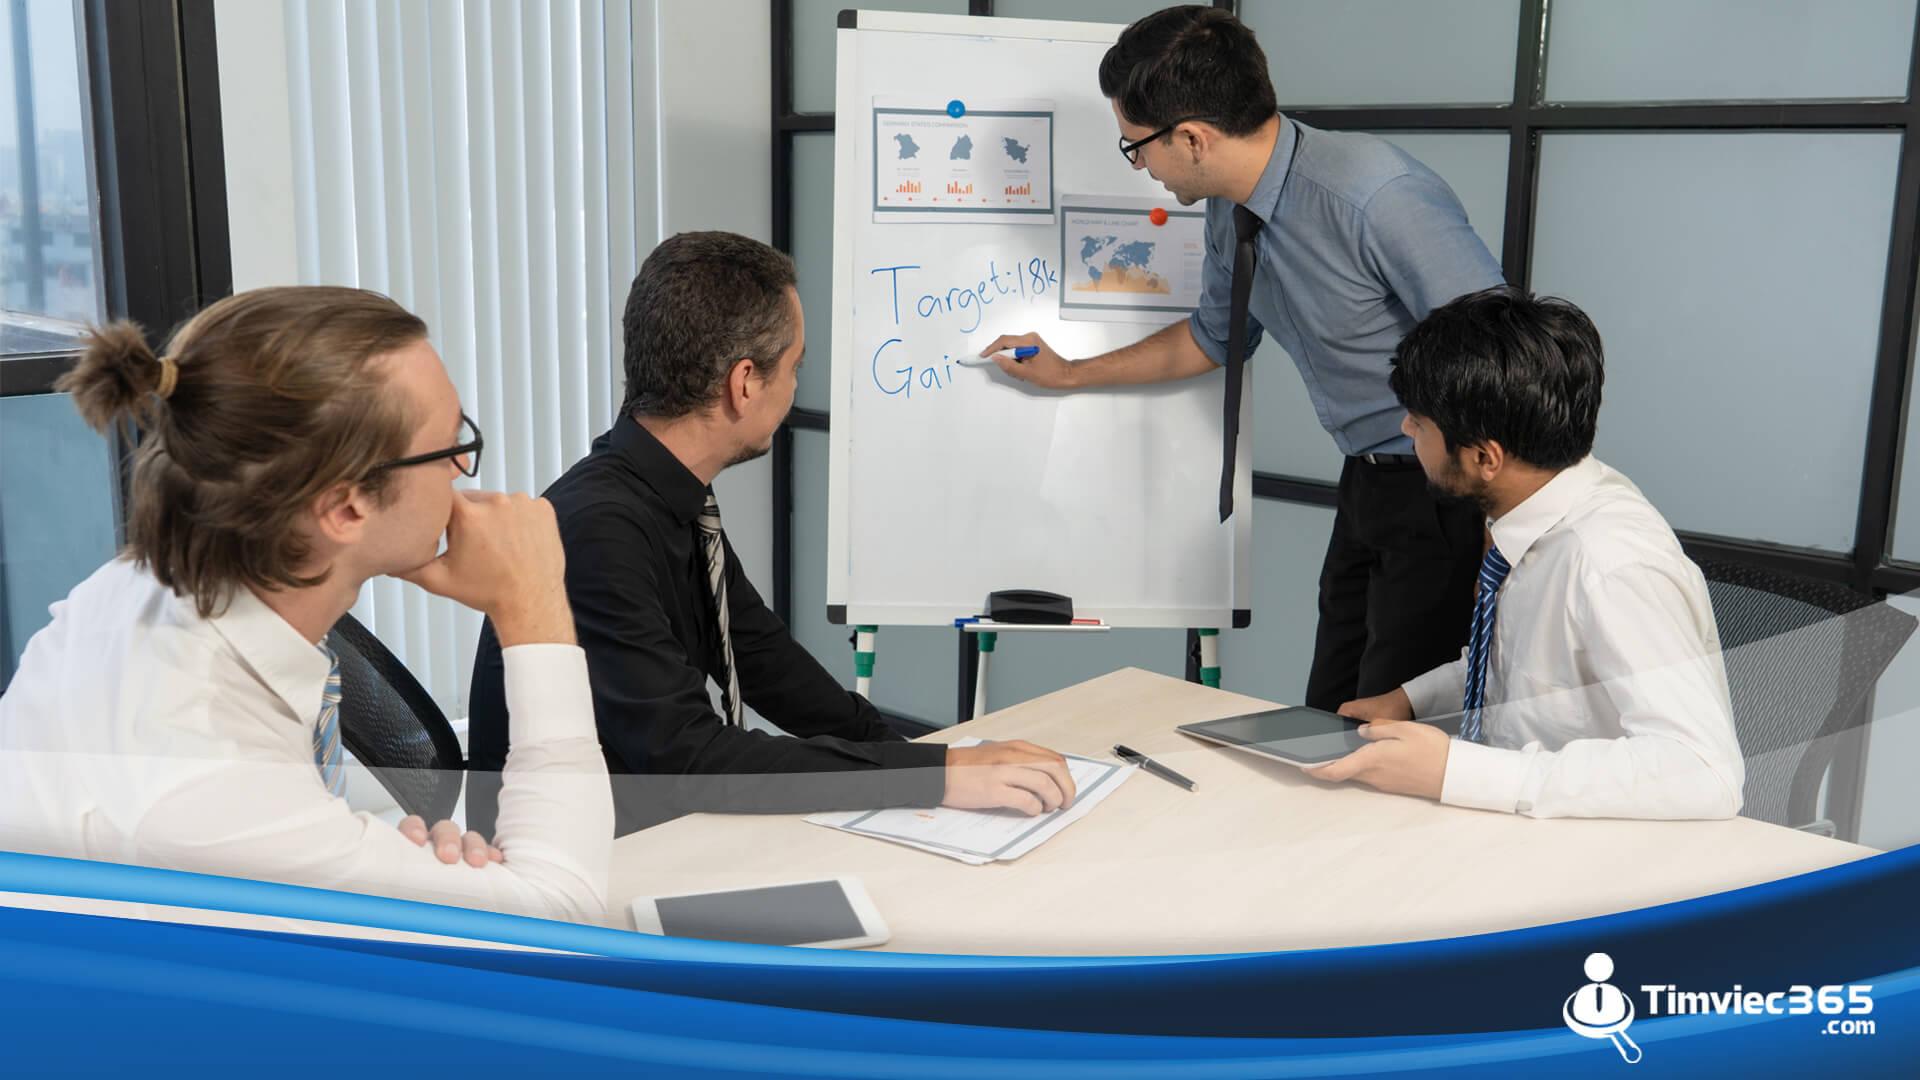 Kinh nghiệm làm quản lý nhân sự - chiến lược giữ chân